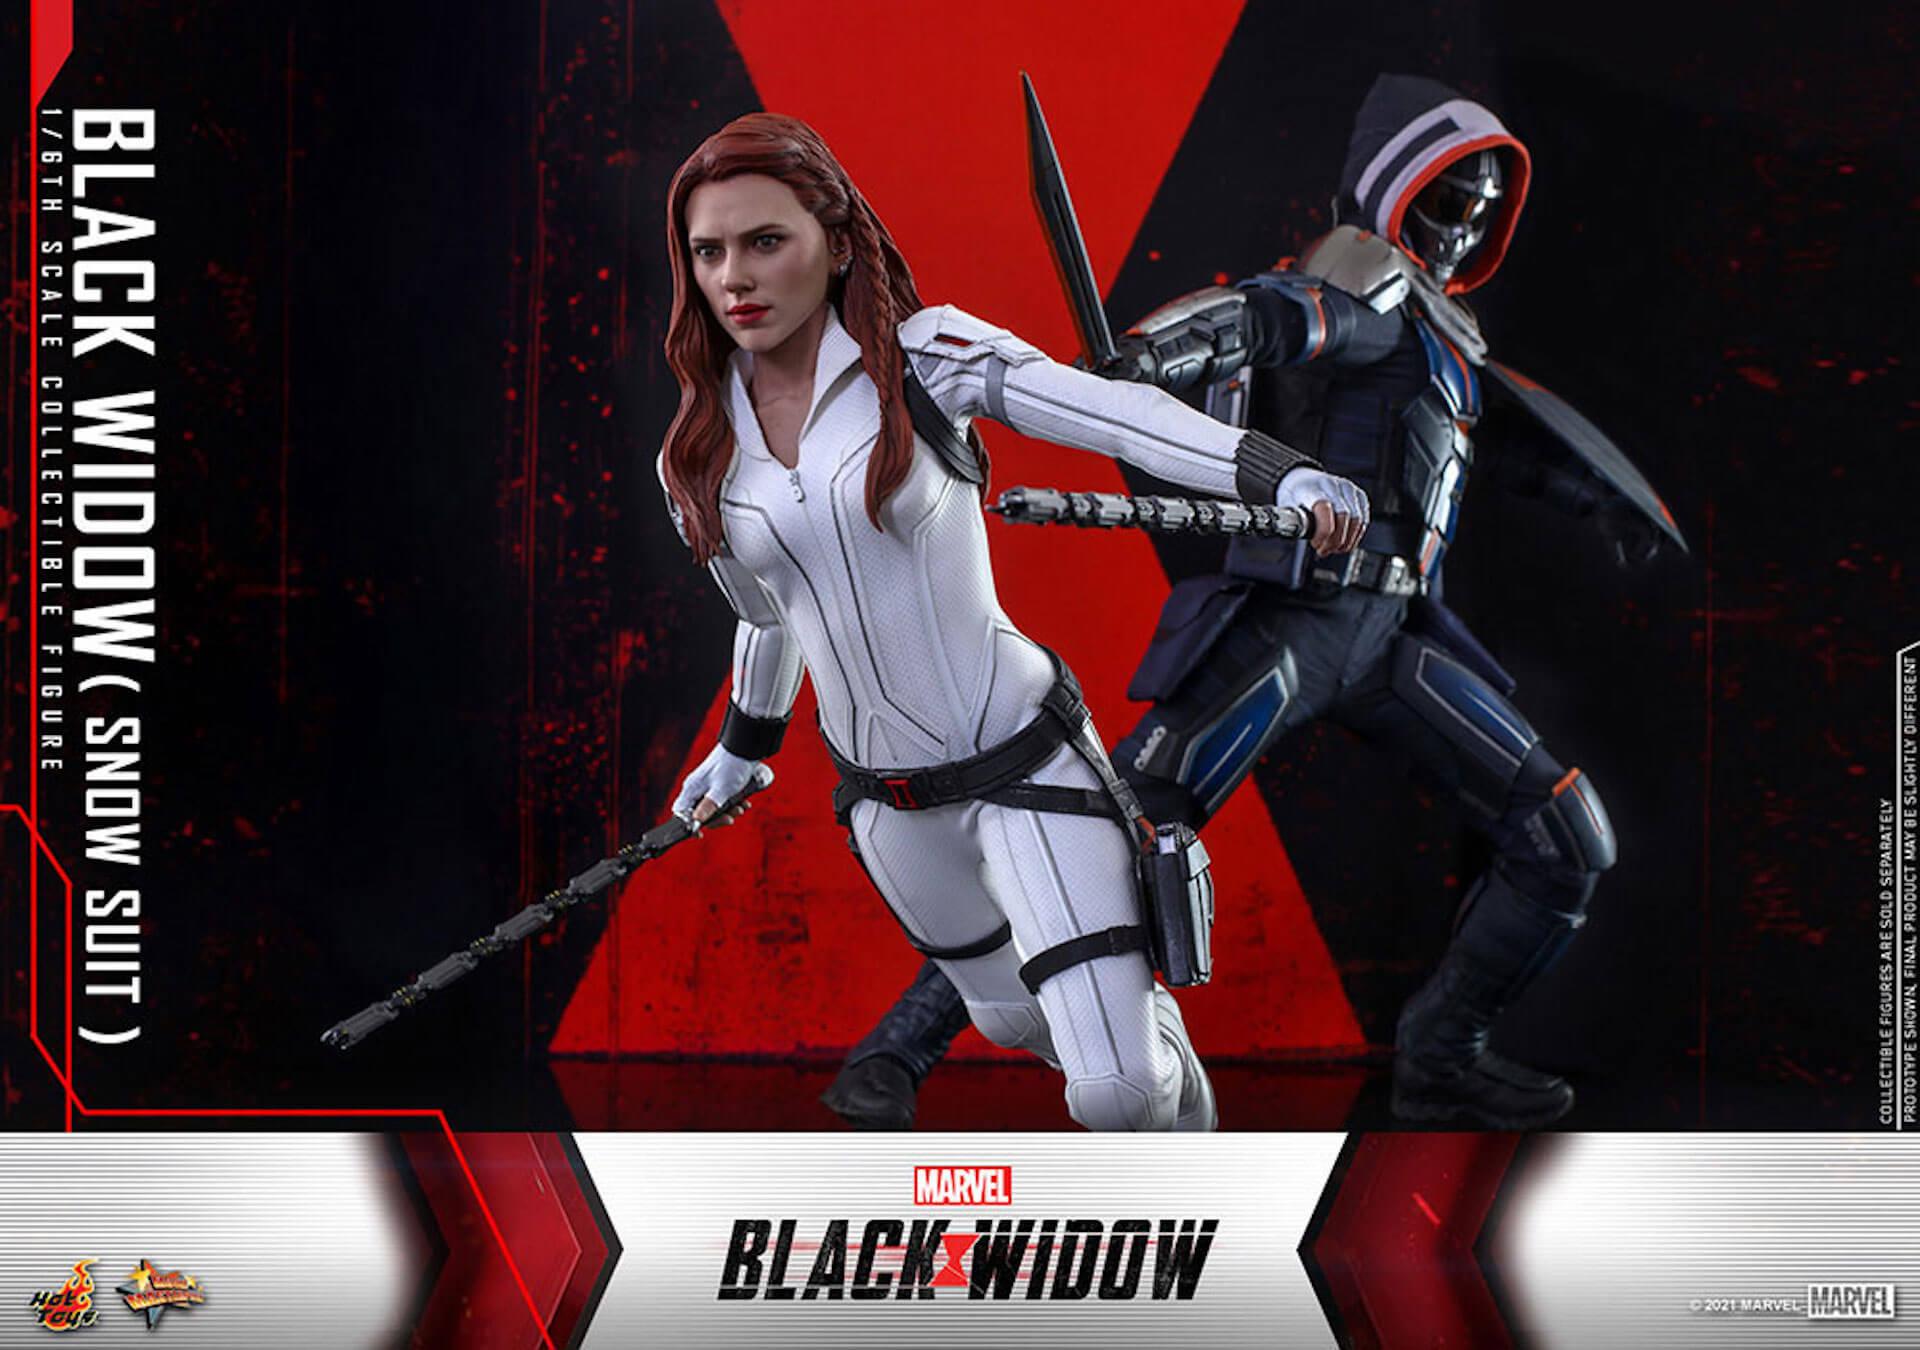 マーベル・スタジオ『ブラック・ウィドウ』のブラック・ウィドウ&タスクマスターがホットトイズの1/6スケールフィギュアになって登場! art210618_hottoys_blackwidow_9